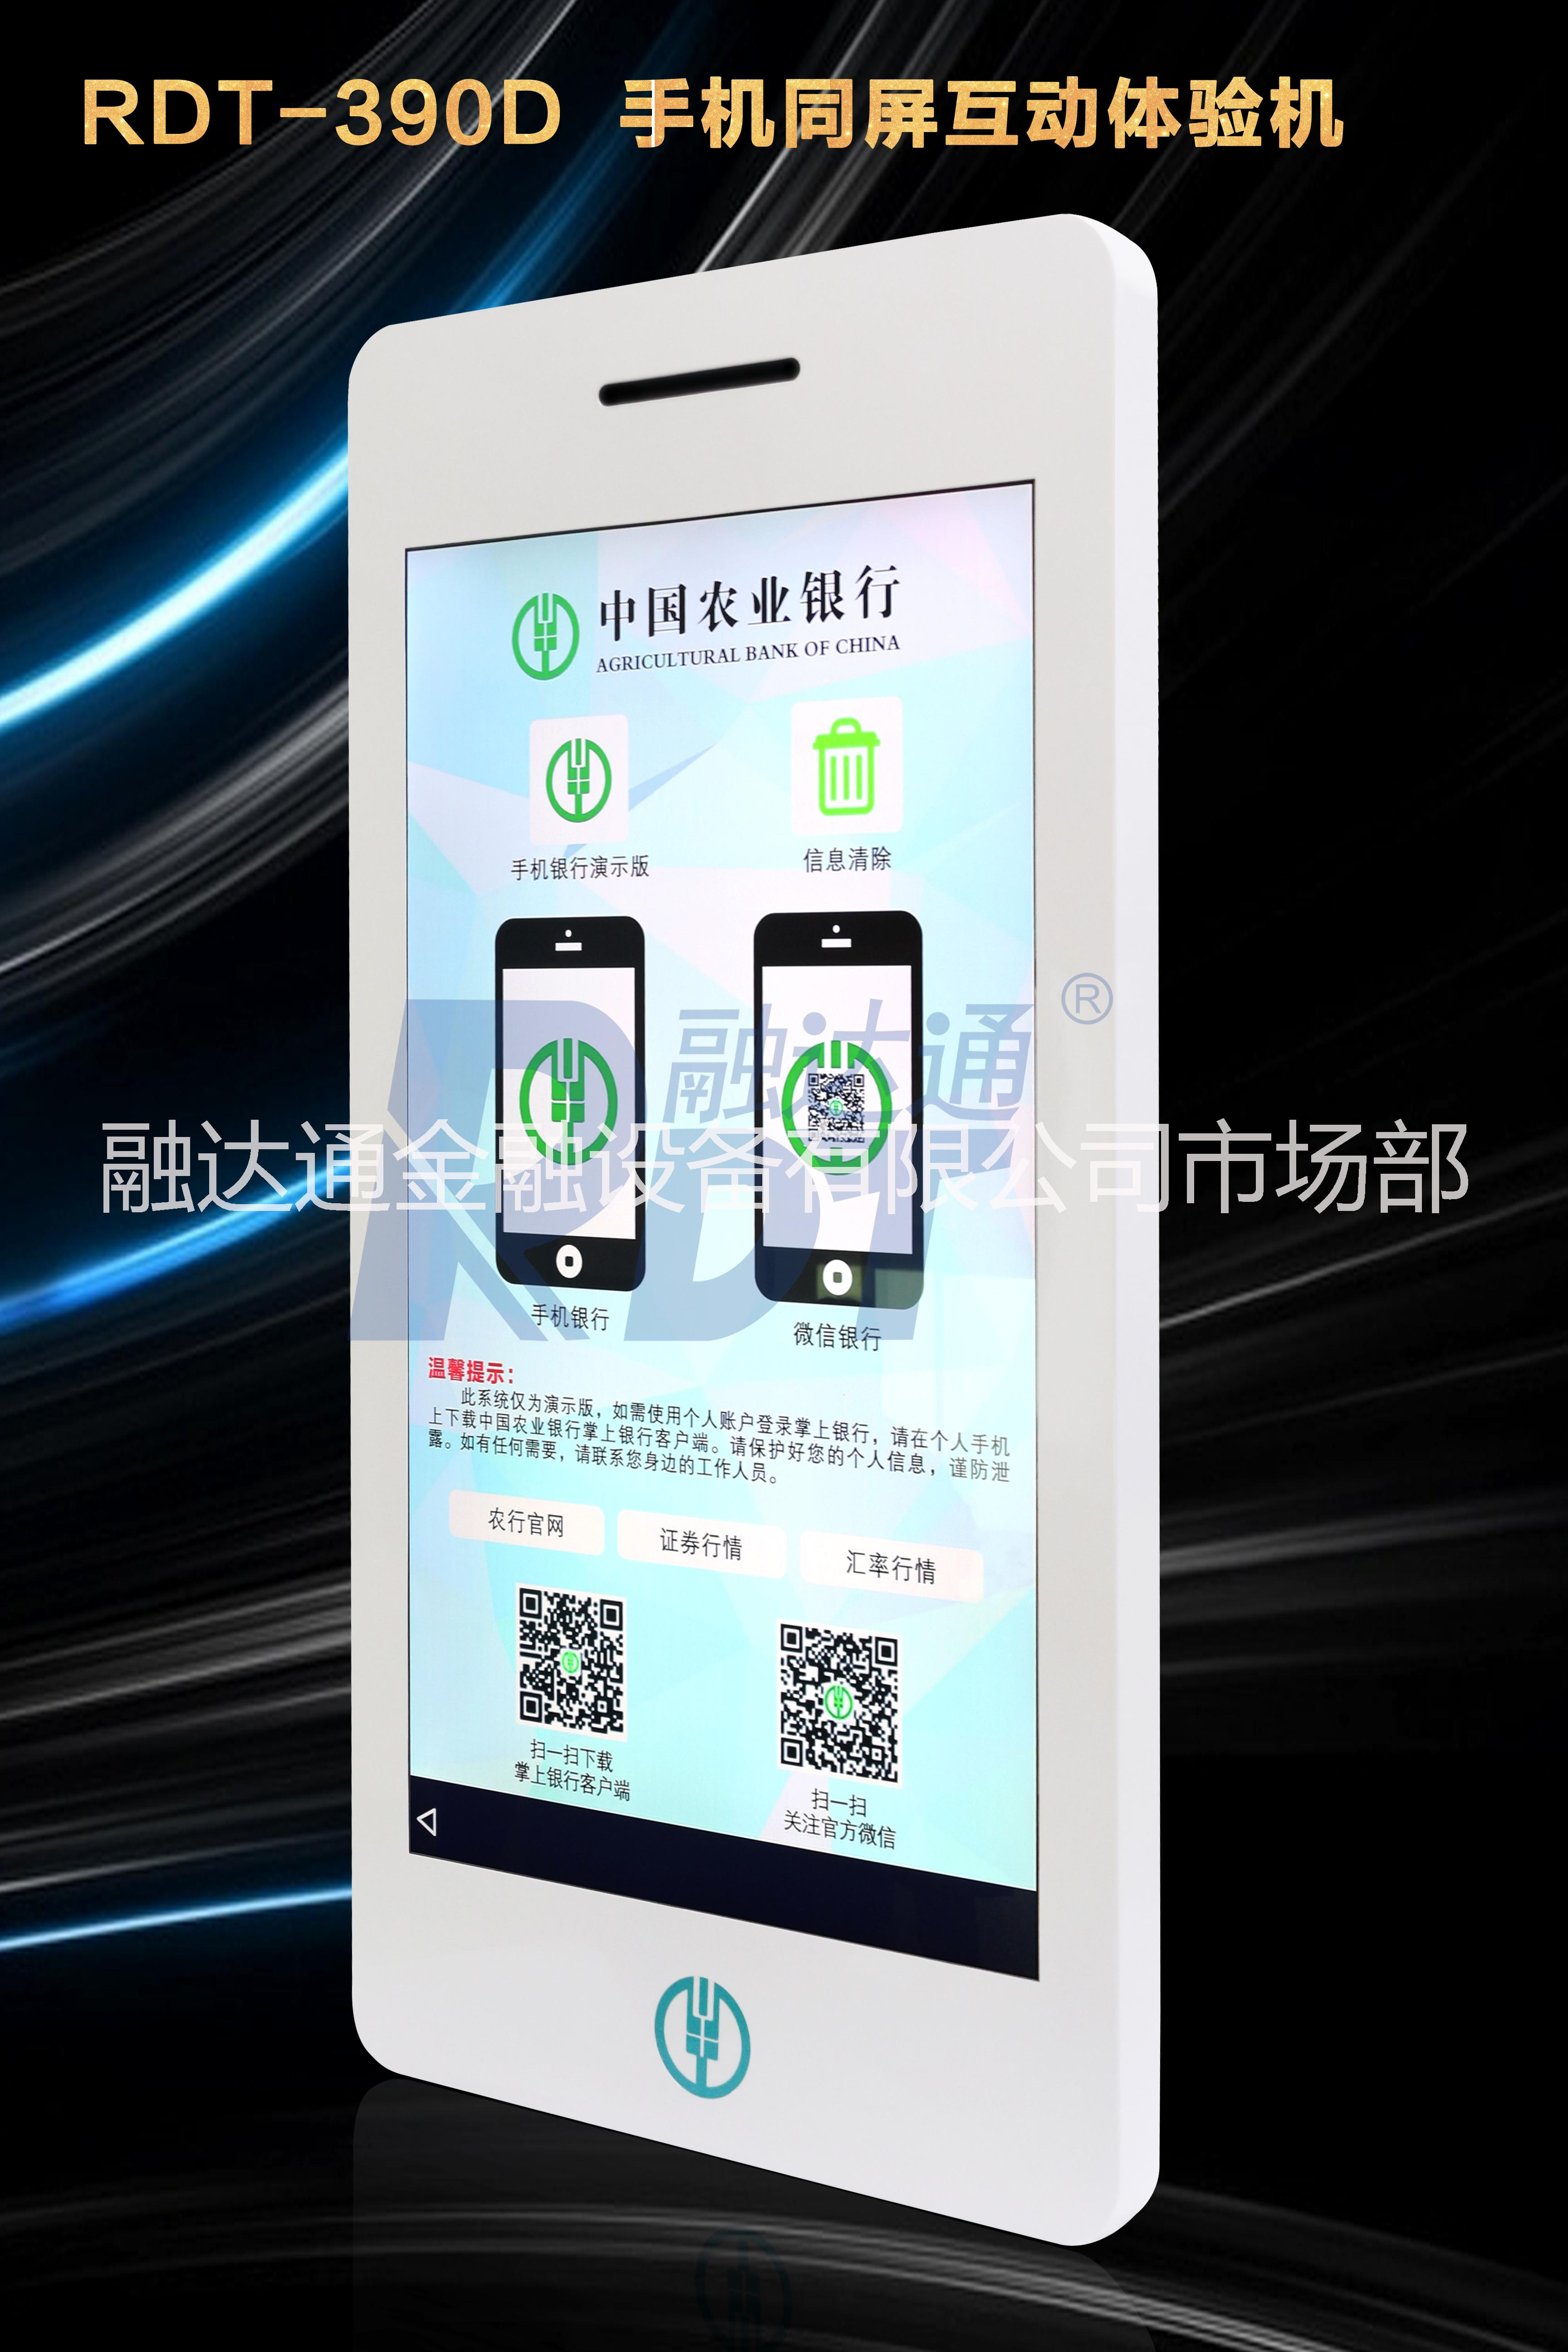 融达通RDT-390D同屏互动/手机银行体验机